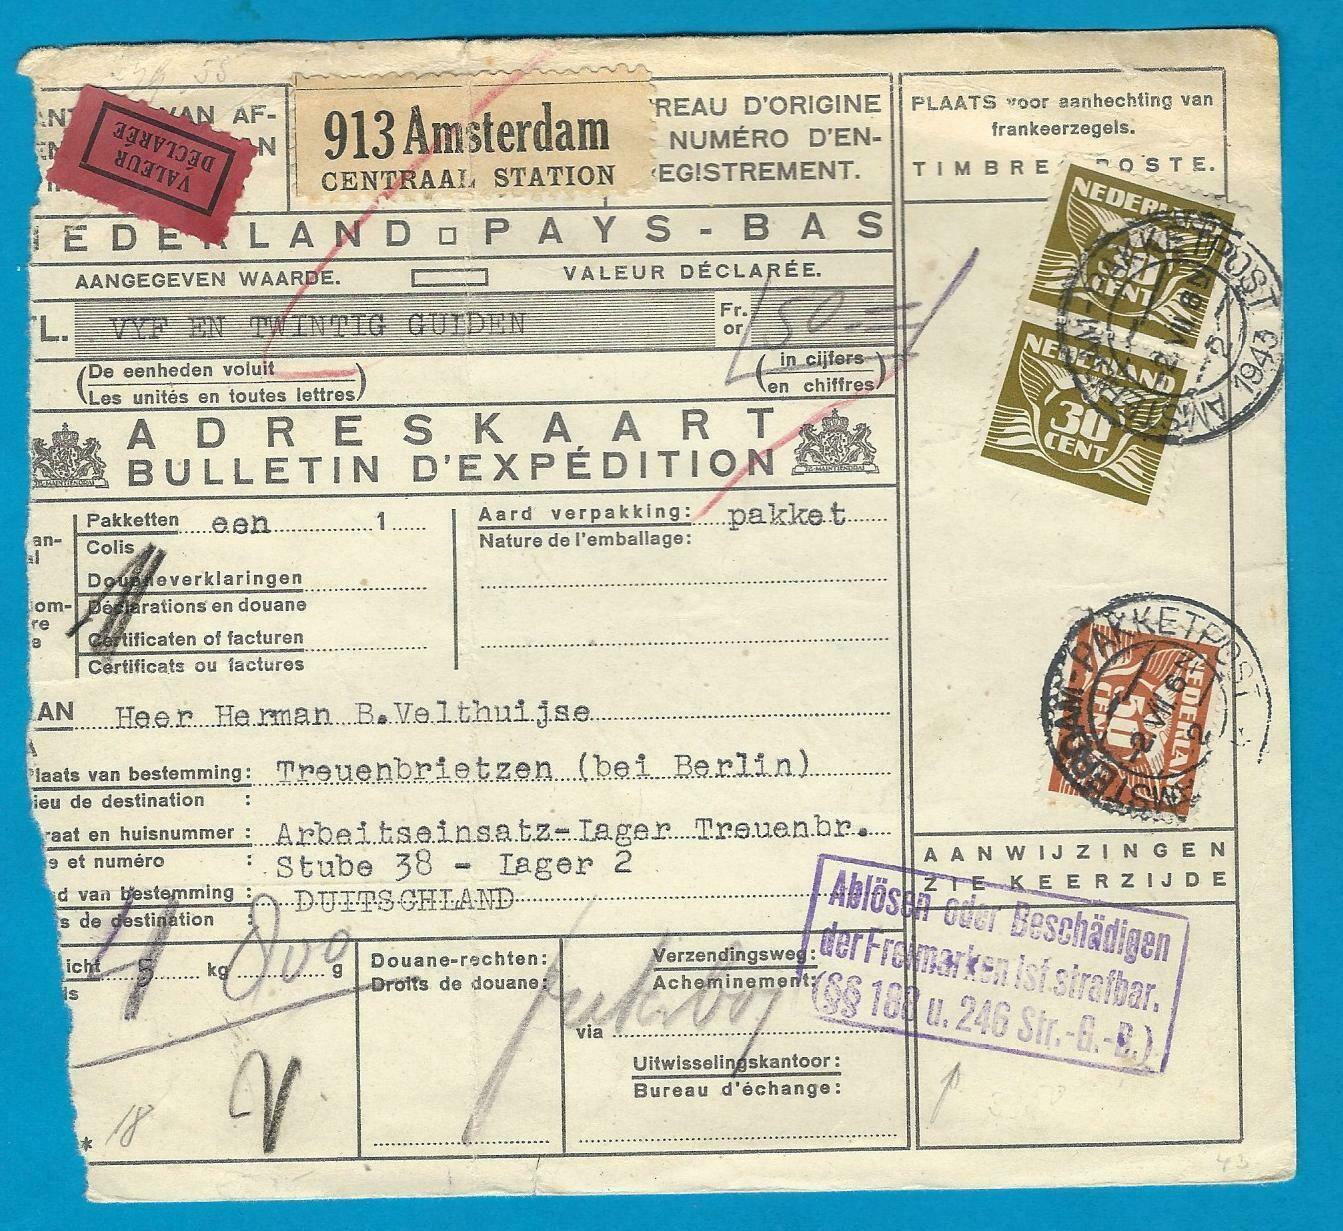 NEDERLAND pakketkaart met waarde 1943 Amsterdam